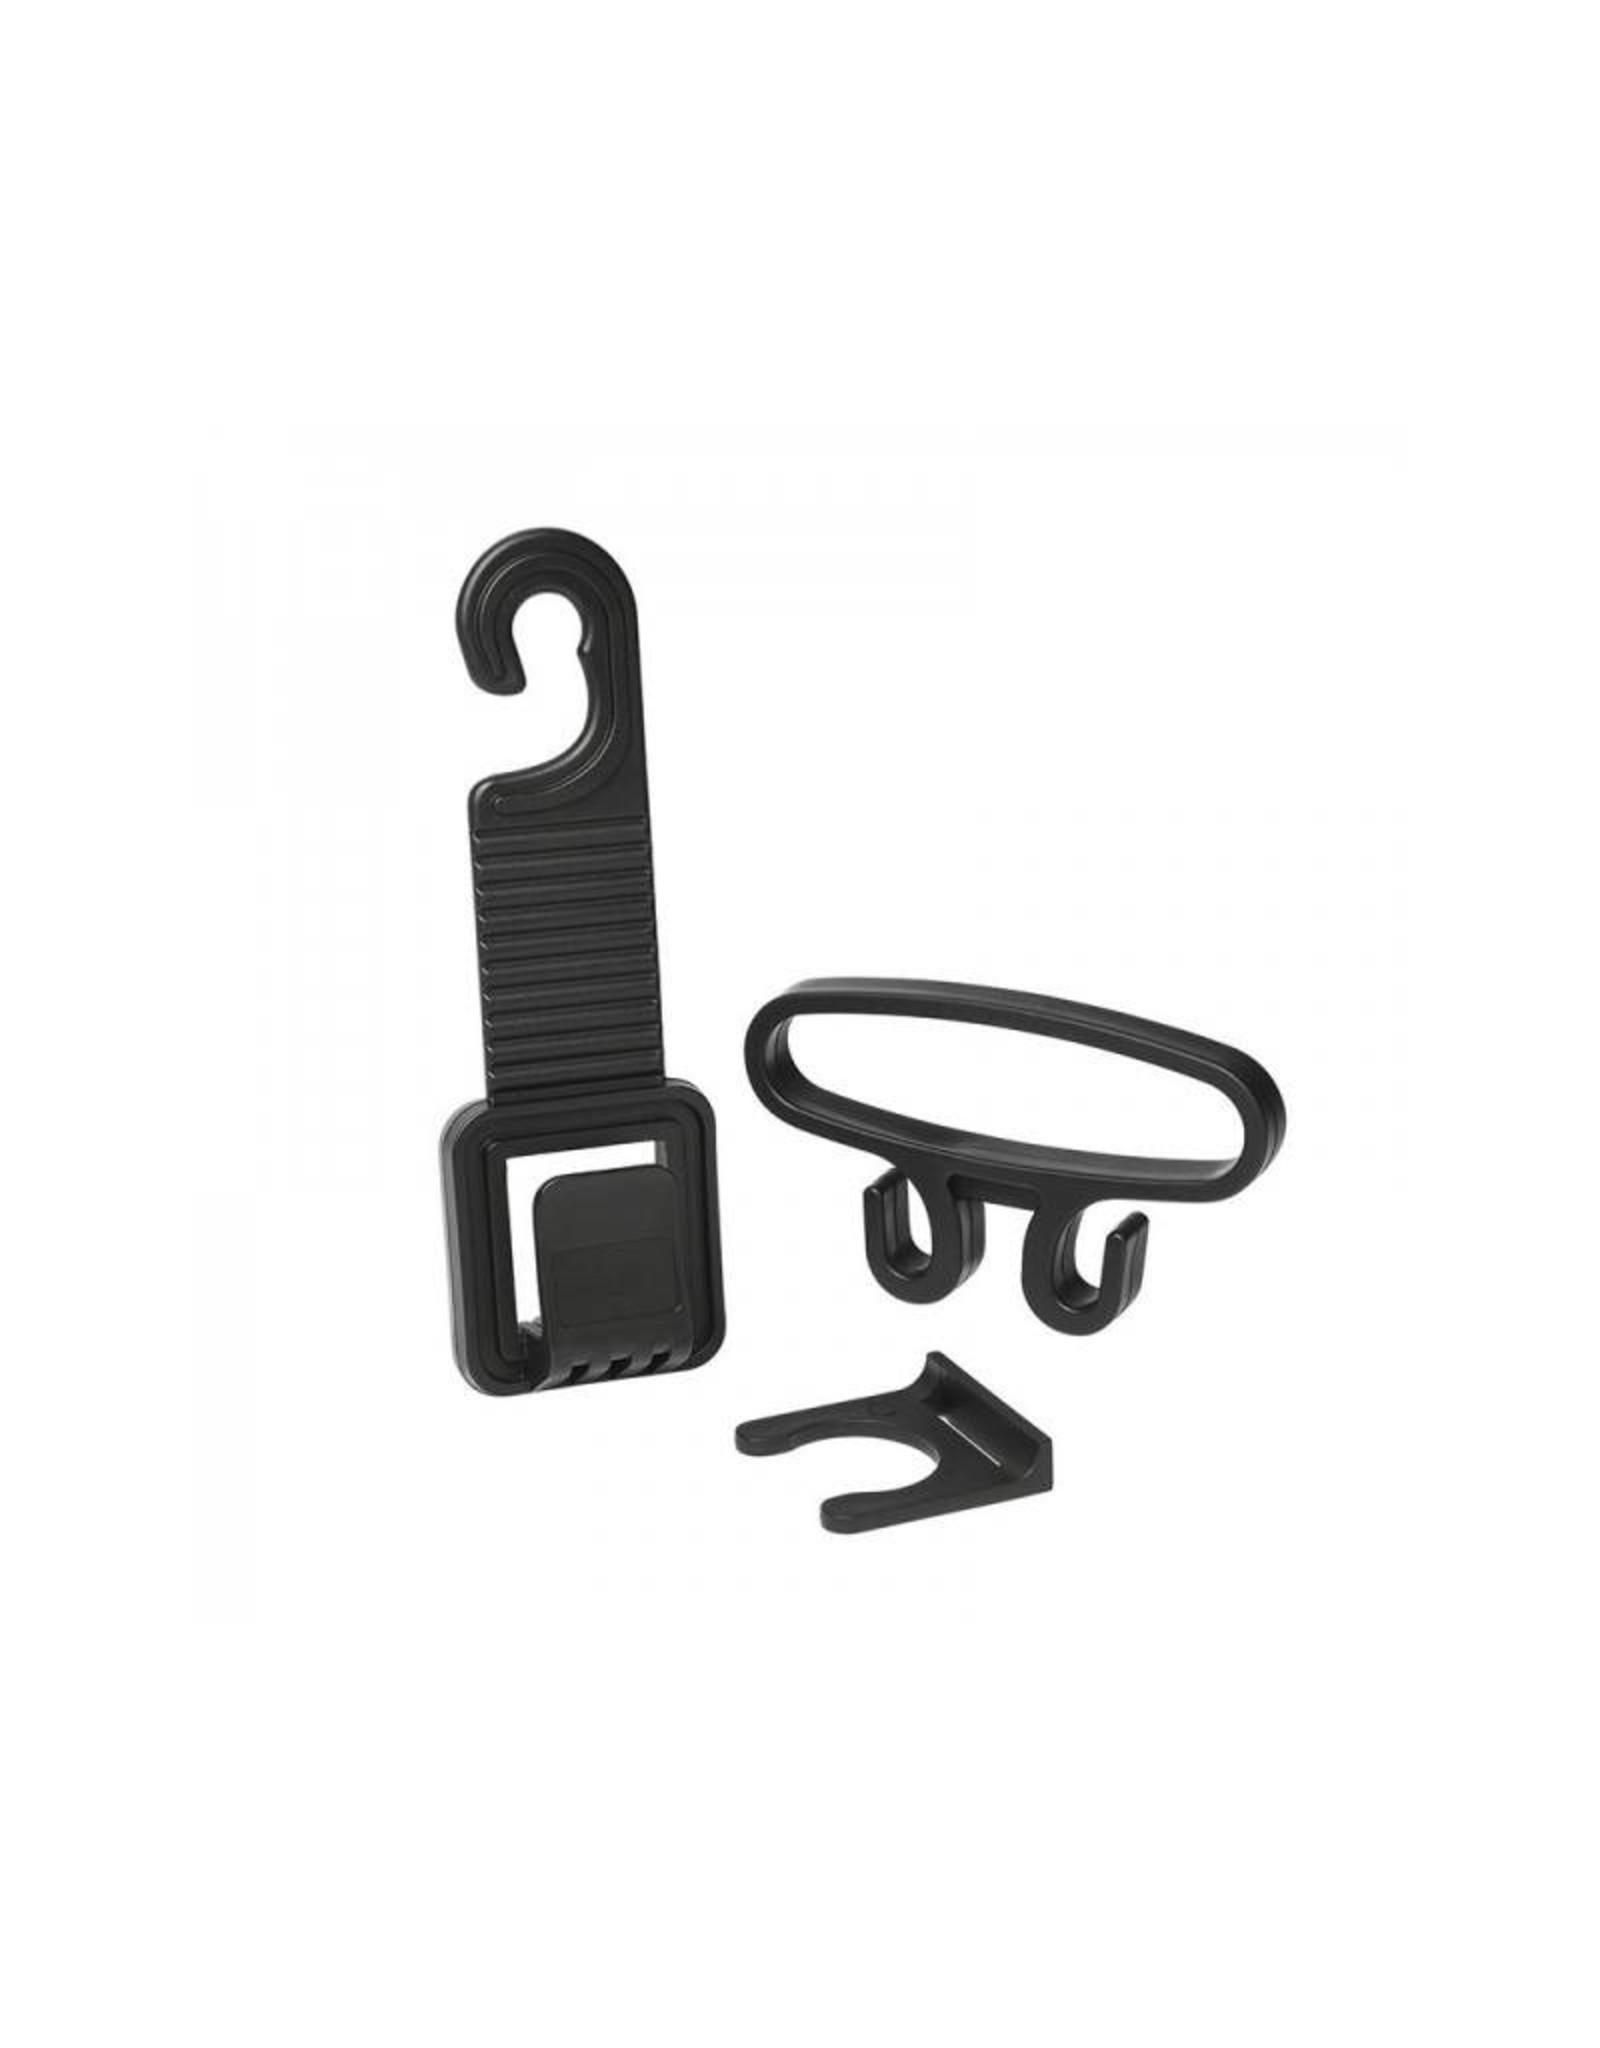 Hoofdsteun hanger multifunctioneel